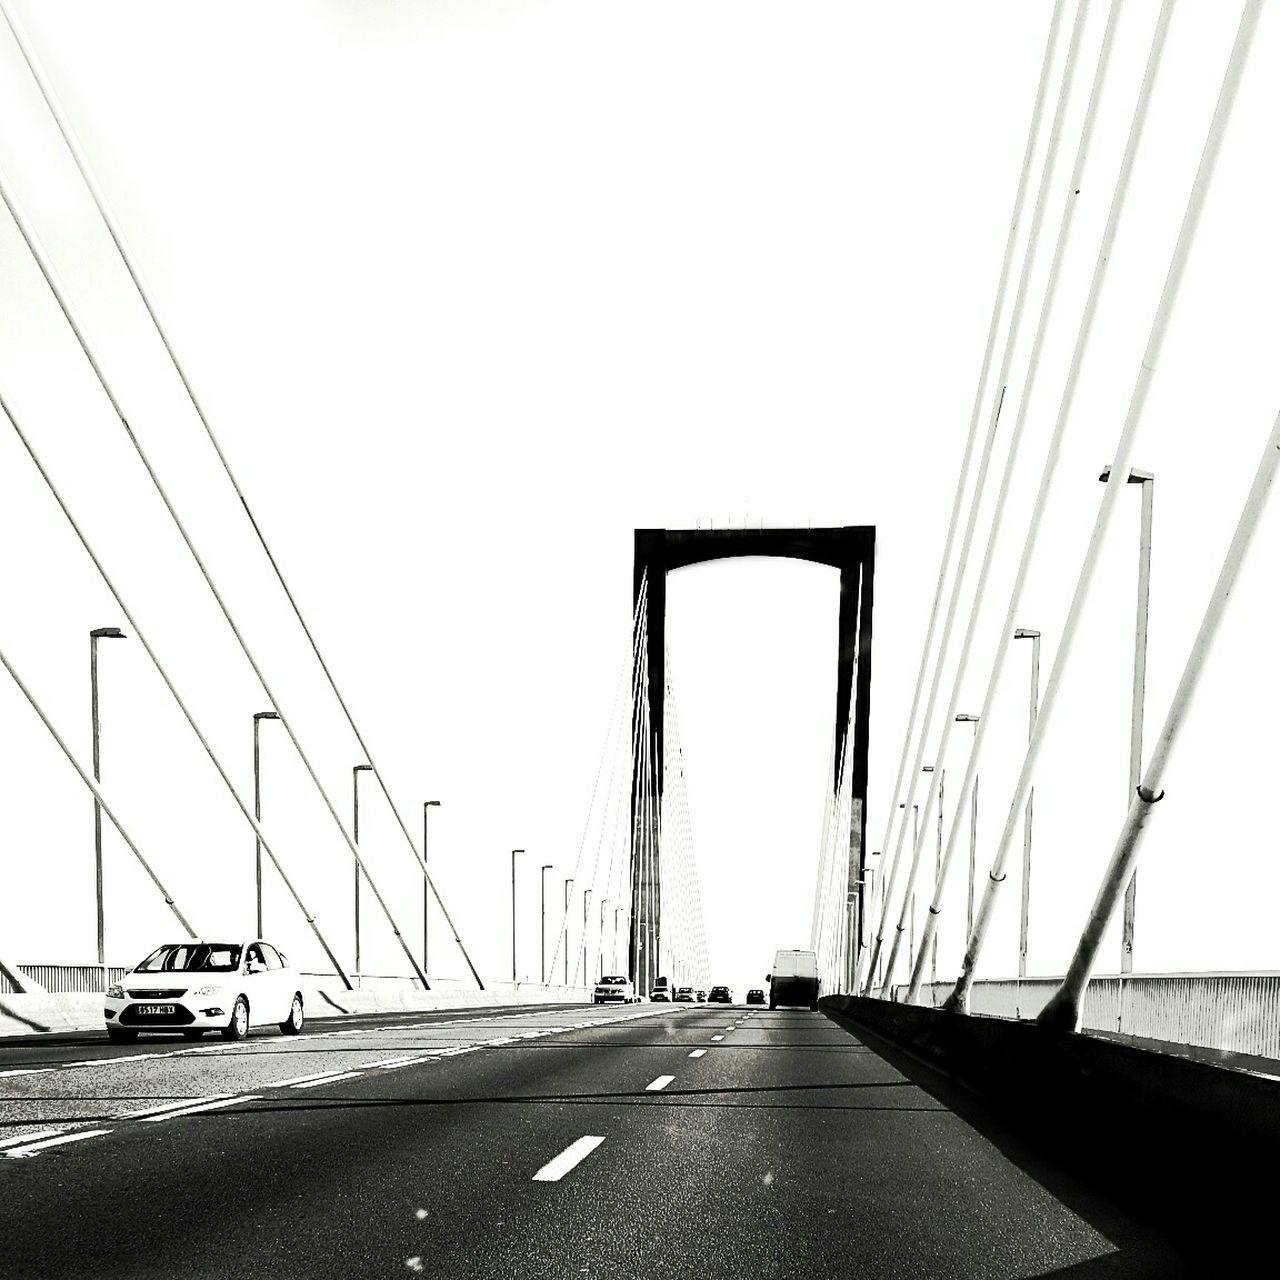 Cars On Bridge Against Clear Sky